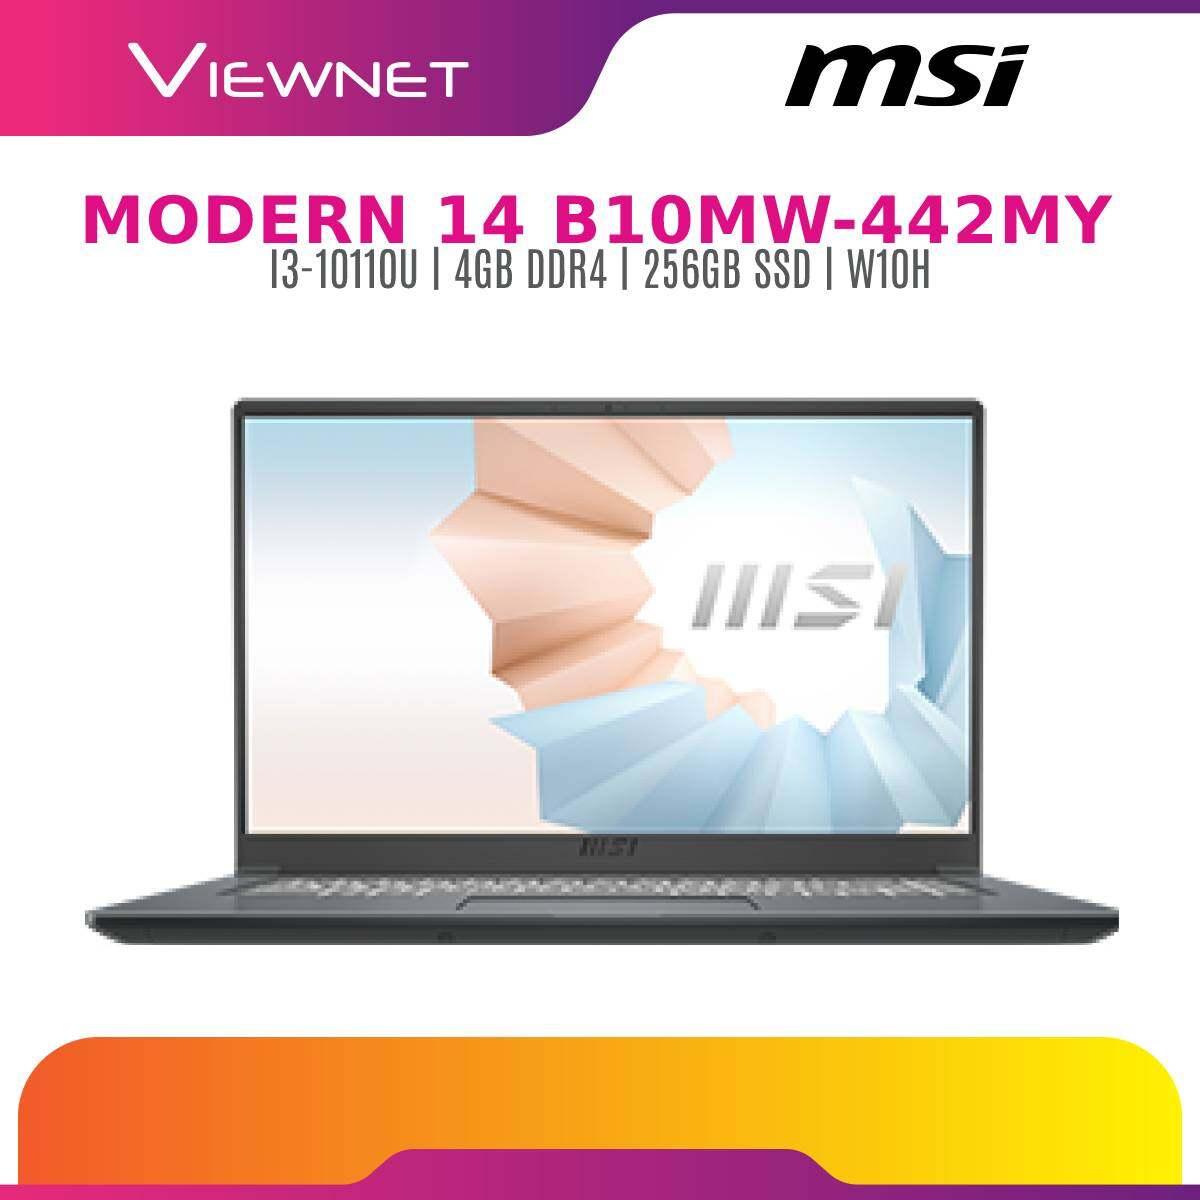 MSI MODERN 14 B10MW-442MY LAPTOP GREY 14 FHD / INTEL I3-10110U / 4GB / 256GB SSD / INTEL / 1 YEAR WARRANTY